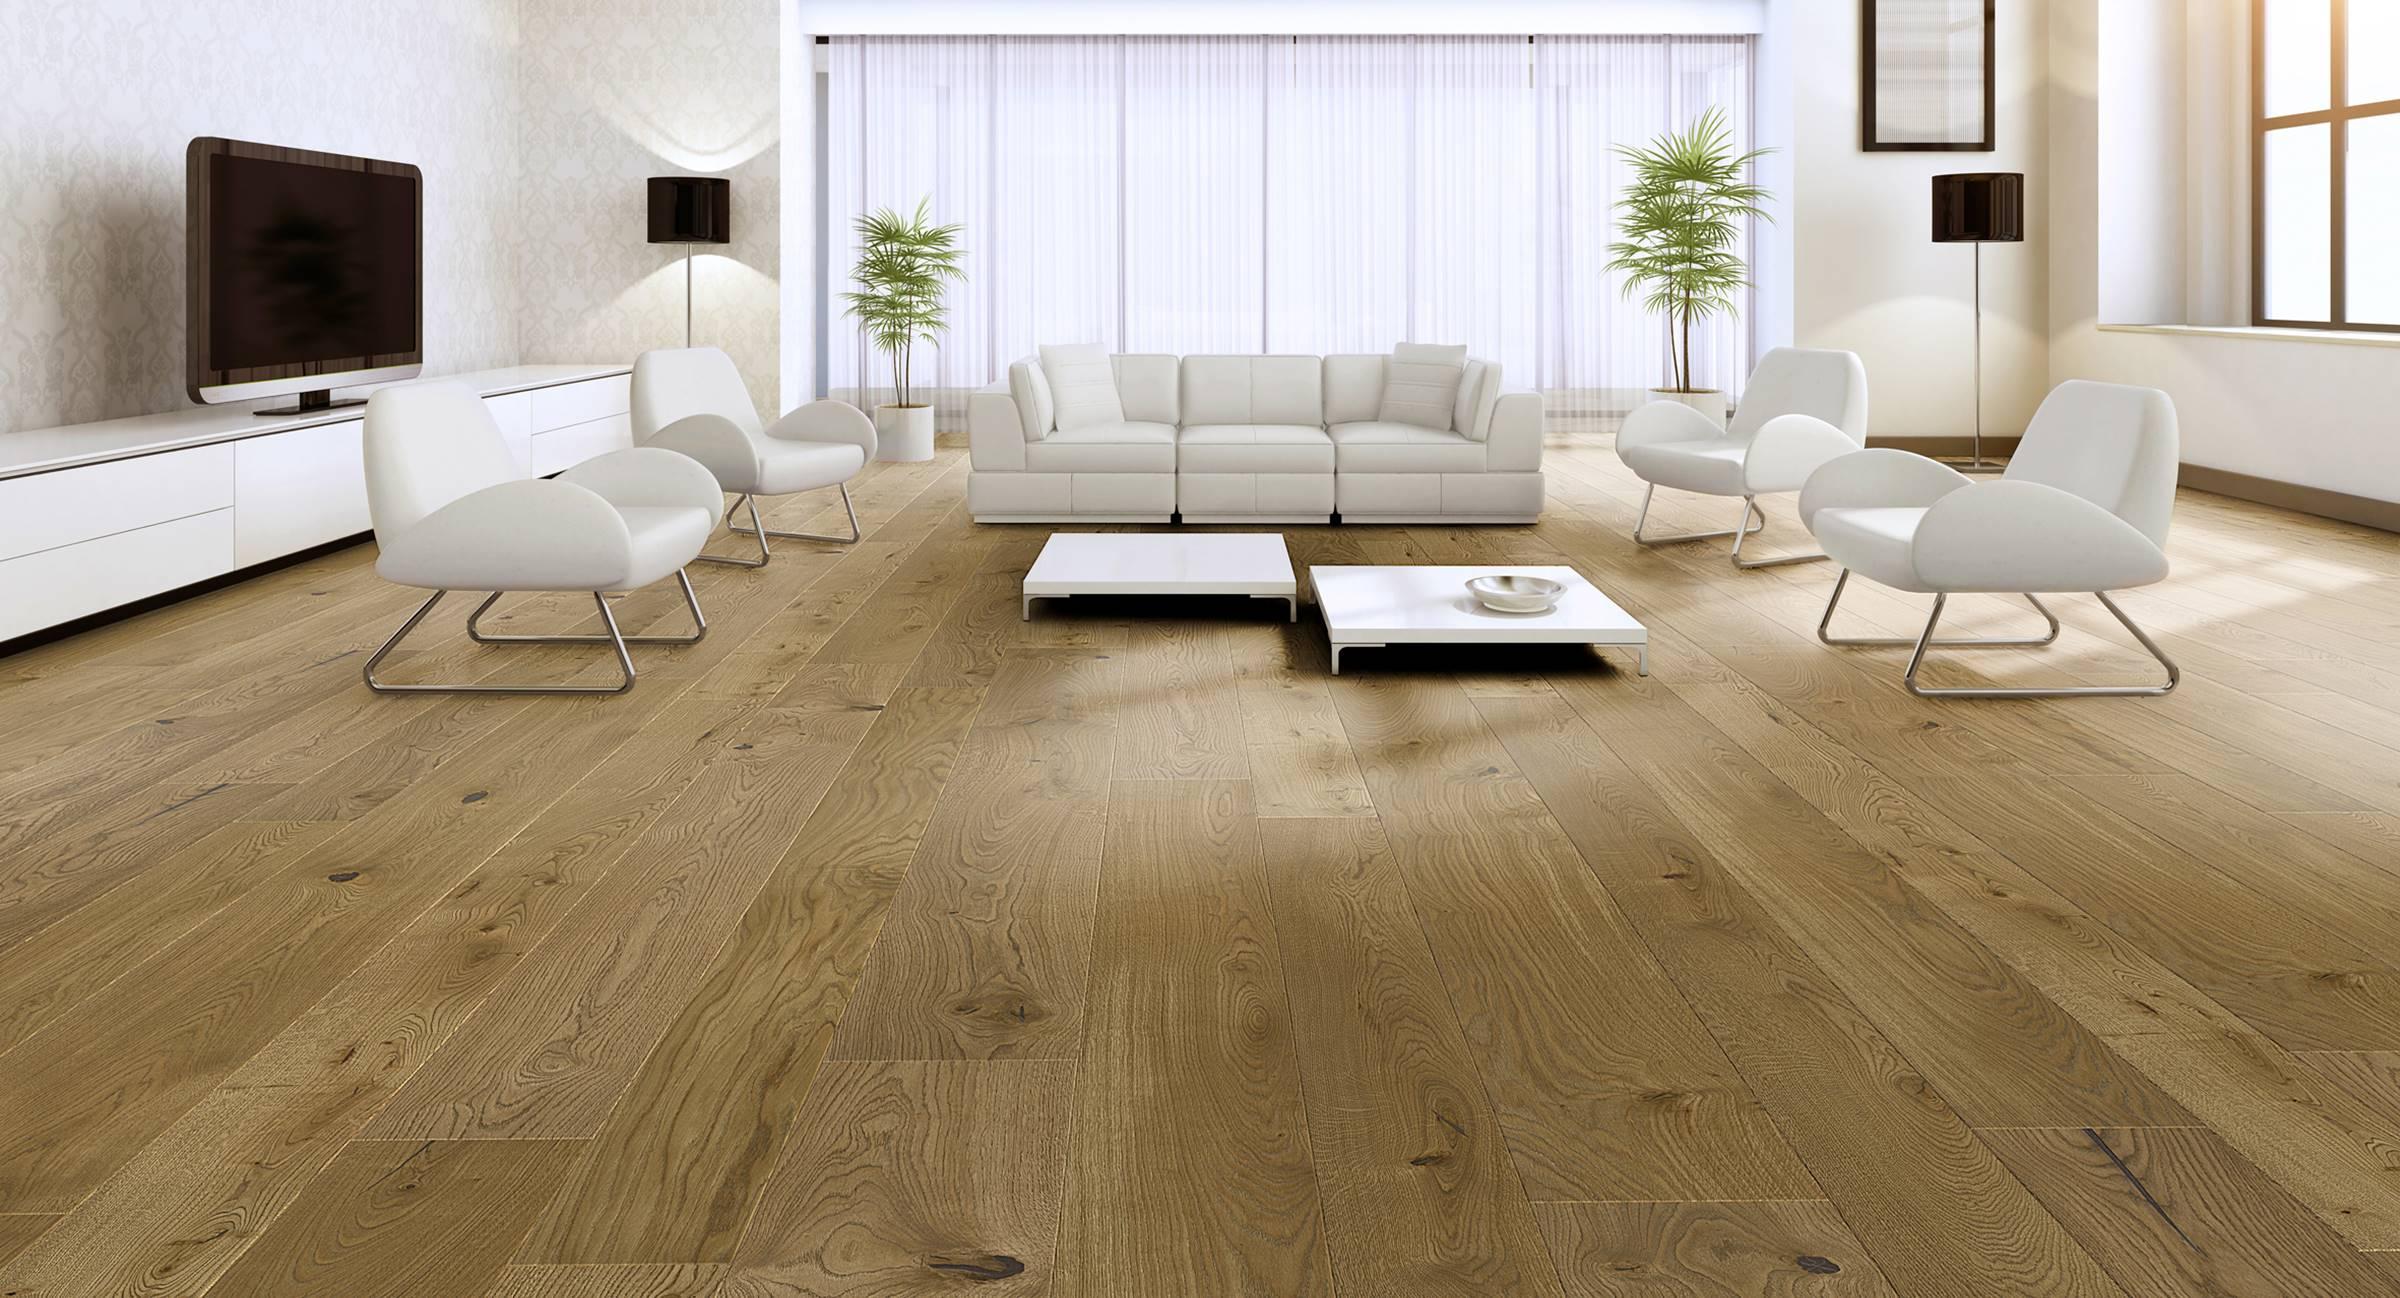 bodenleger hans j rgen donninger ried i i. Black Bedroom Furniture Sets. Home Design Ideas